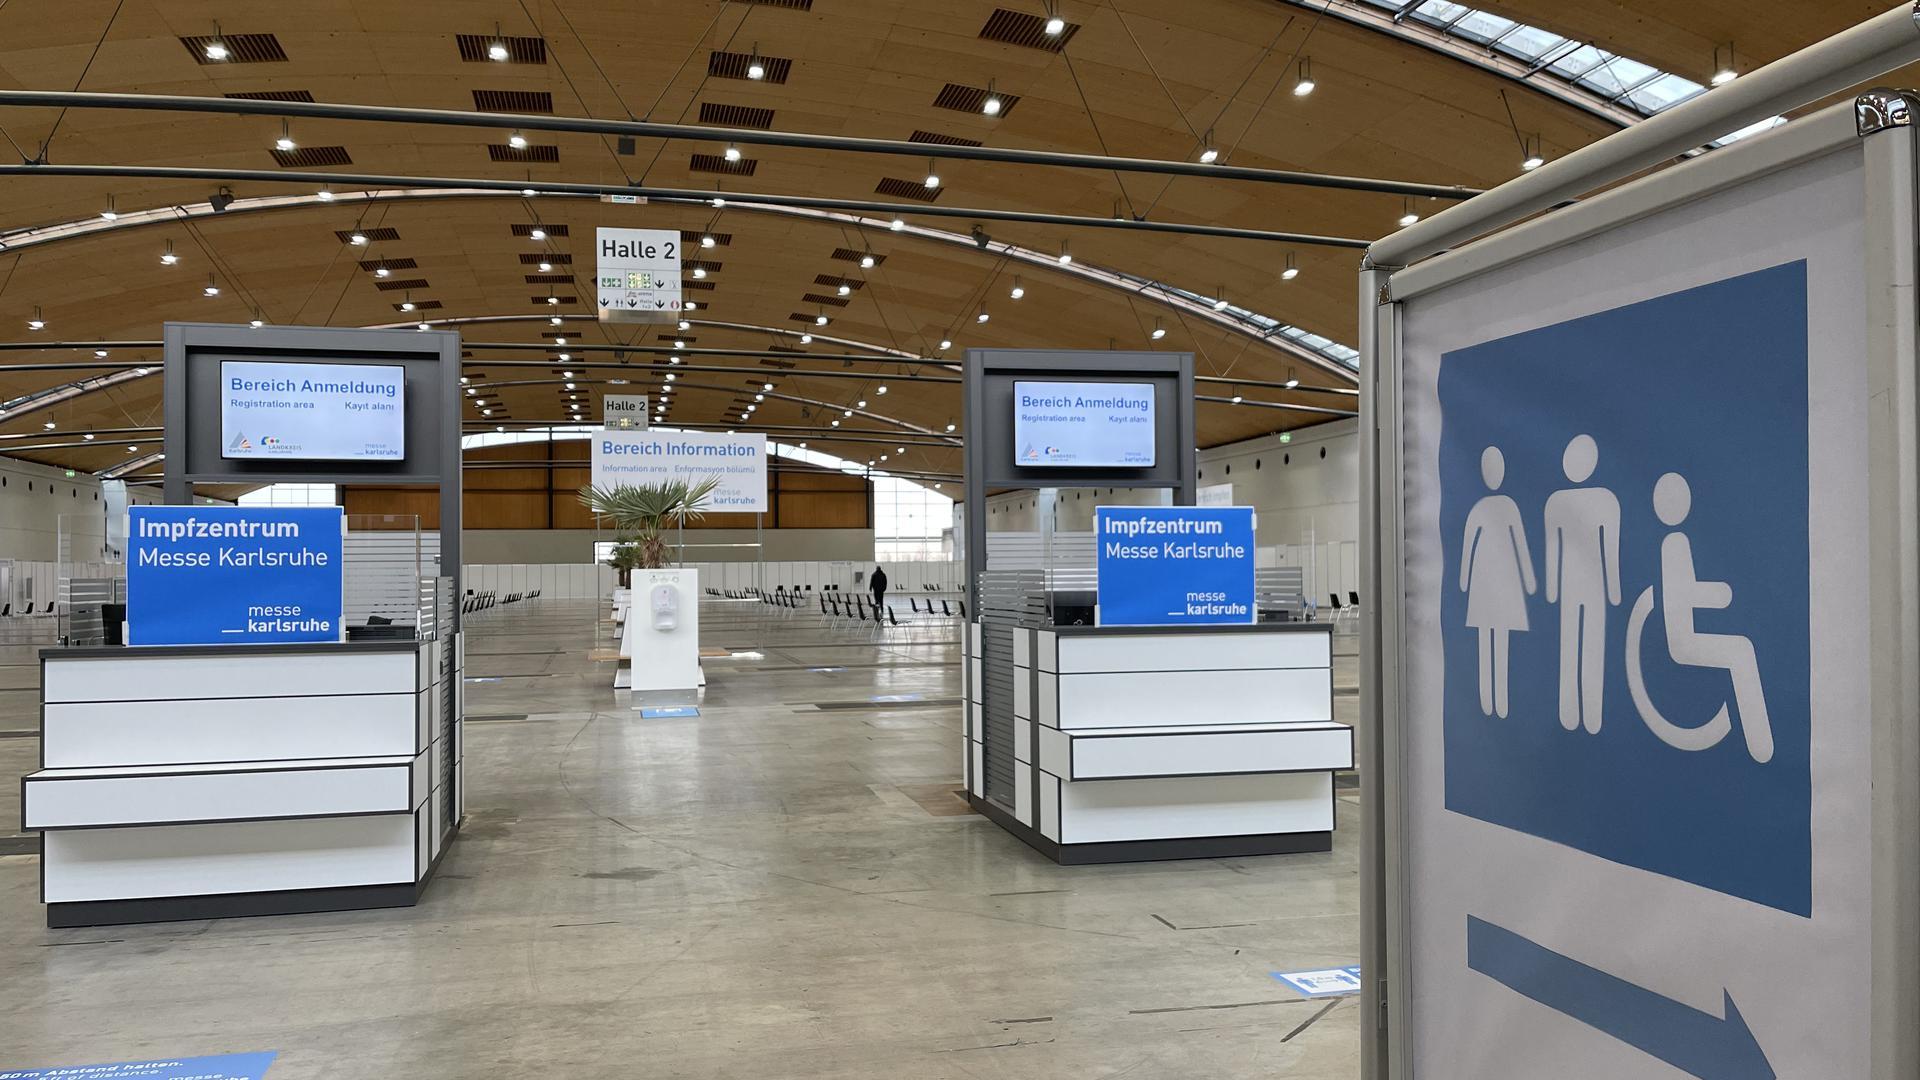 Anmeldung im Impfzentrum der Messe Karlsruhe